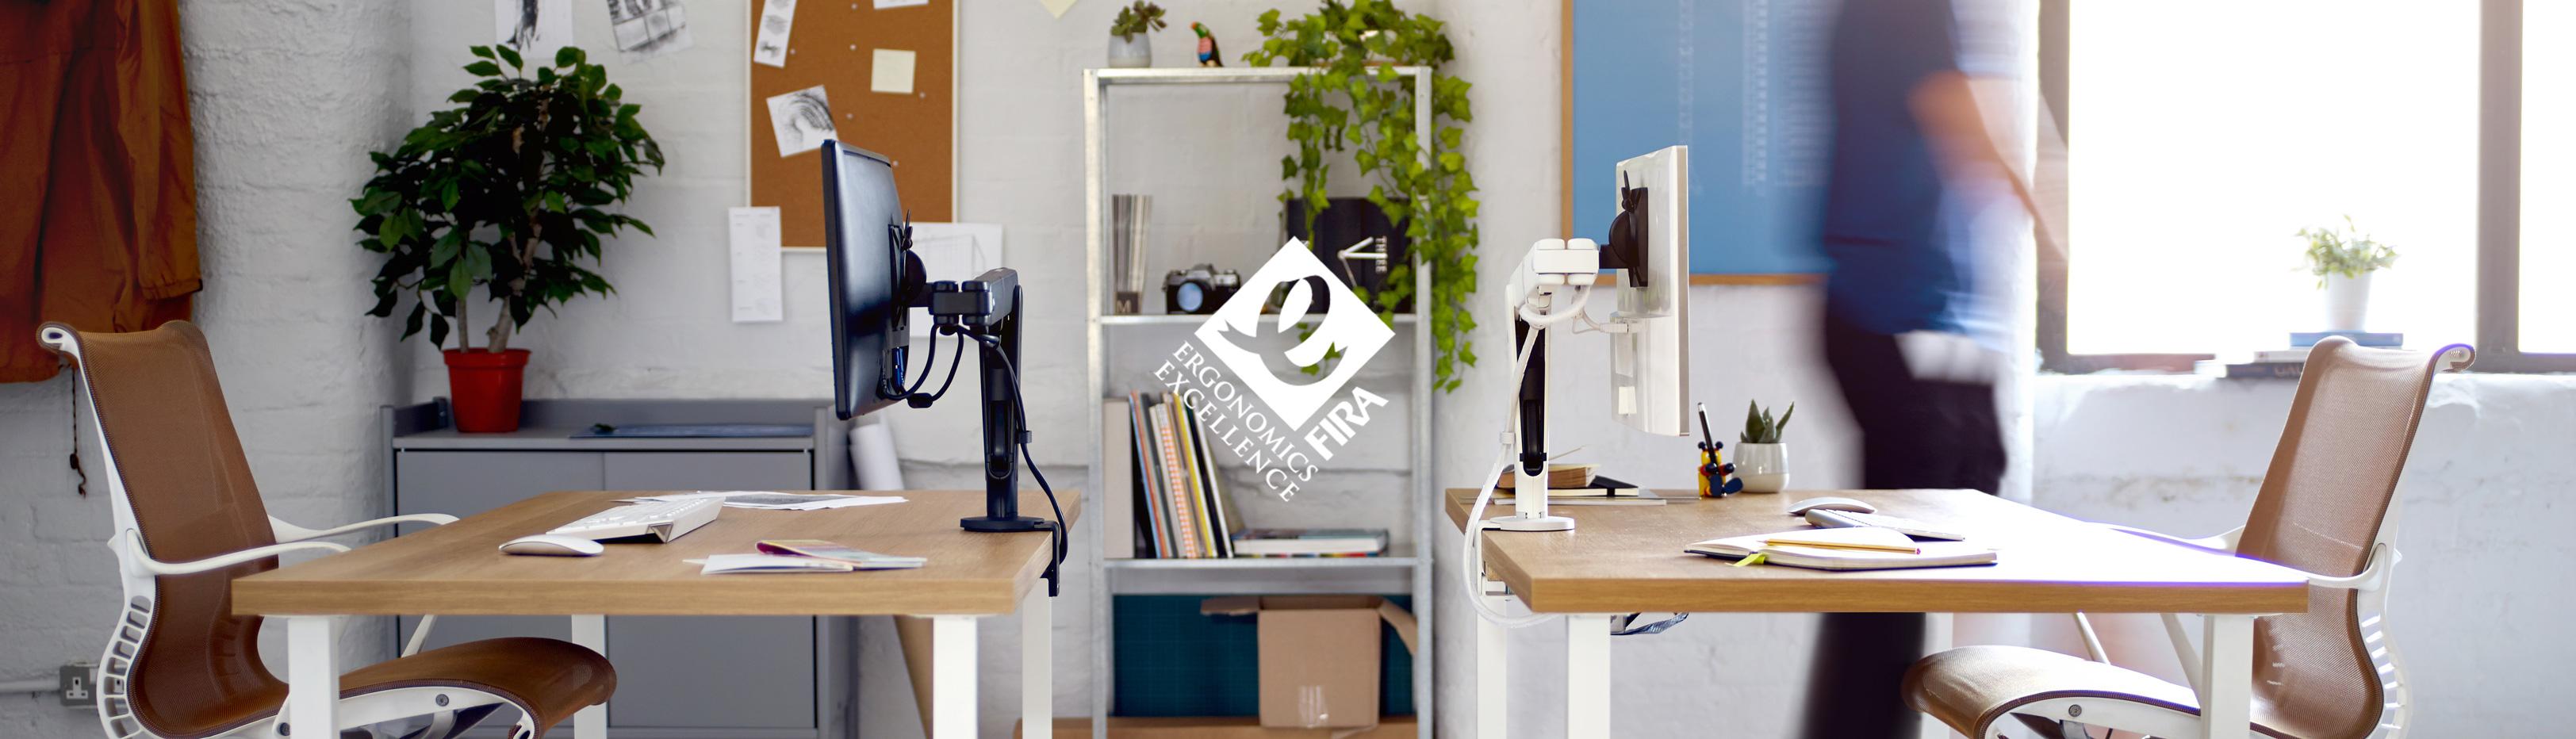 Ollin-office-profile_01